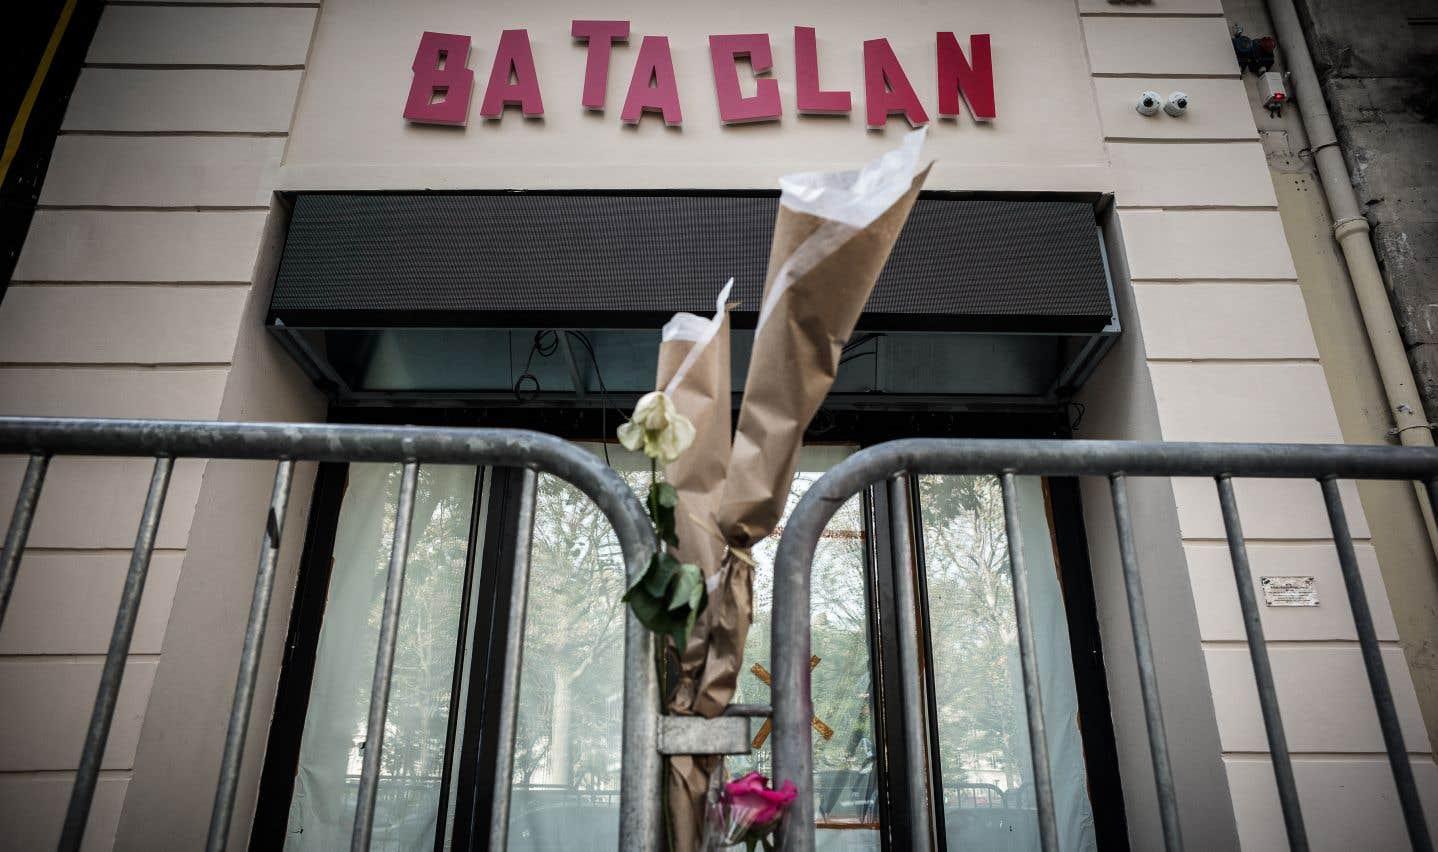 Les attentats du 13 novembre 2015 ont fait 130 morts et plus de 350 blessés.